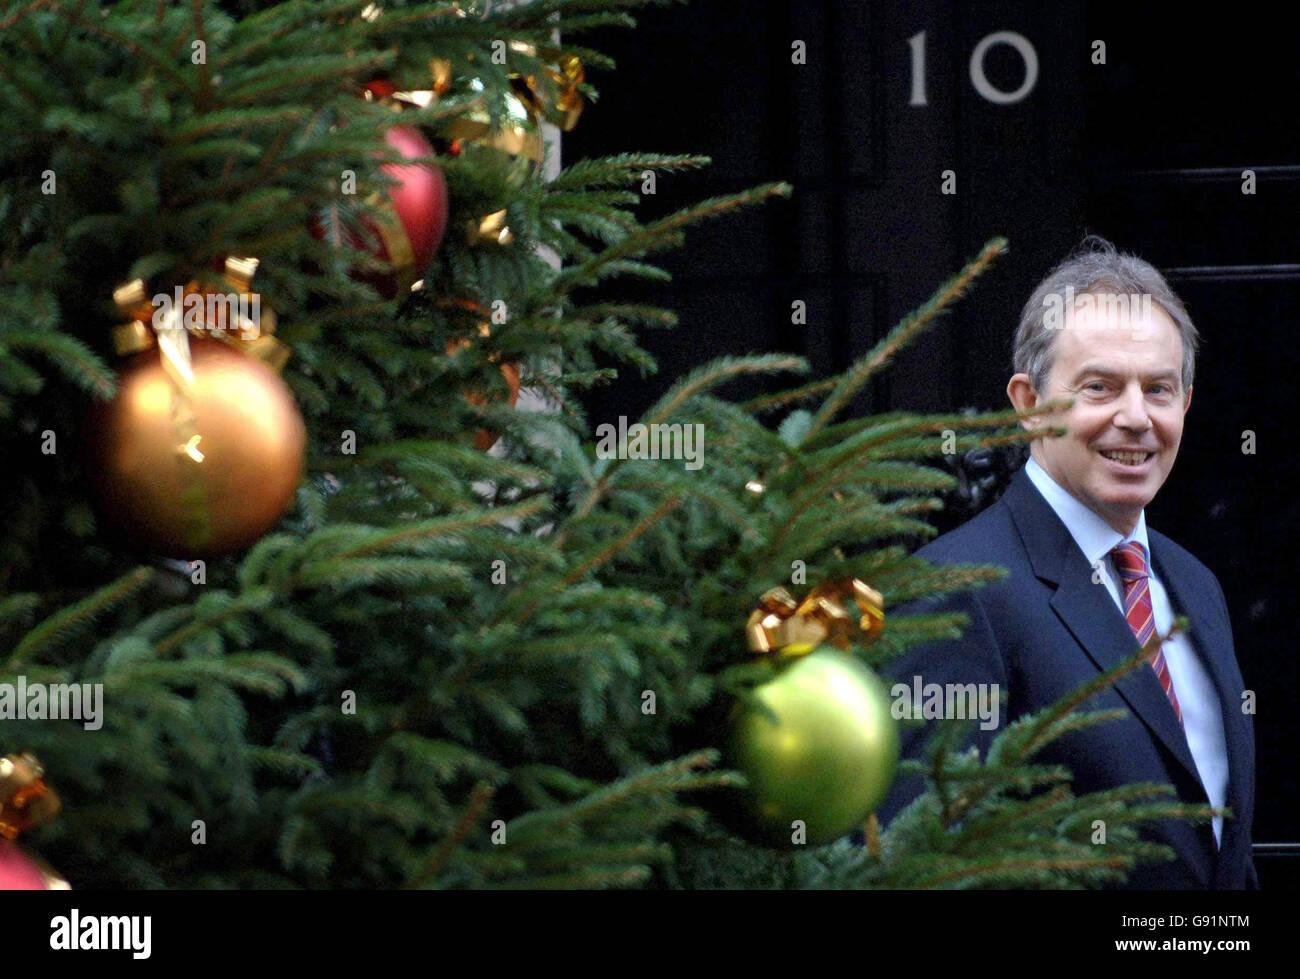 Tony Blair in 10 Downing Street - London Stock Photo